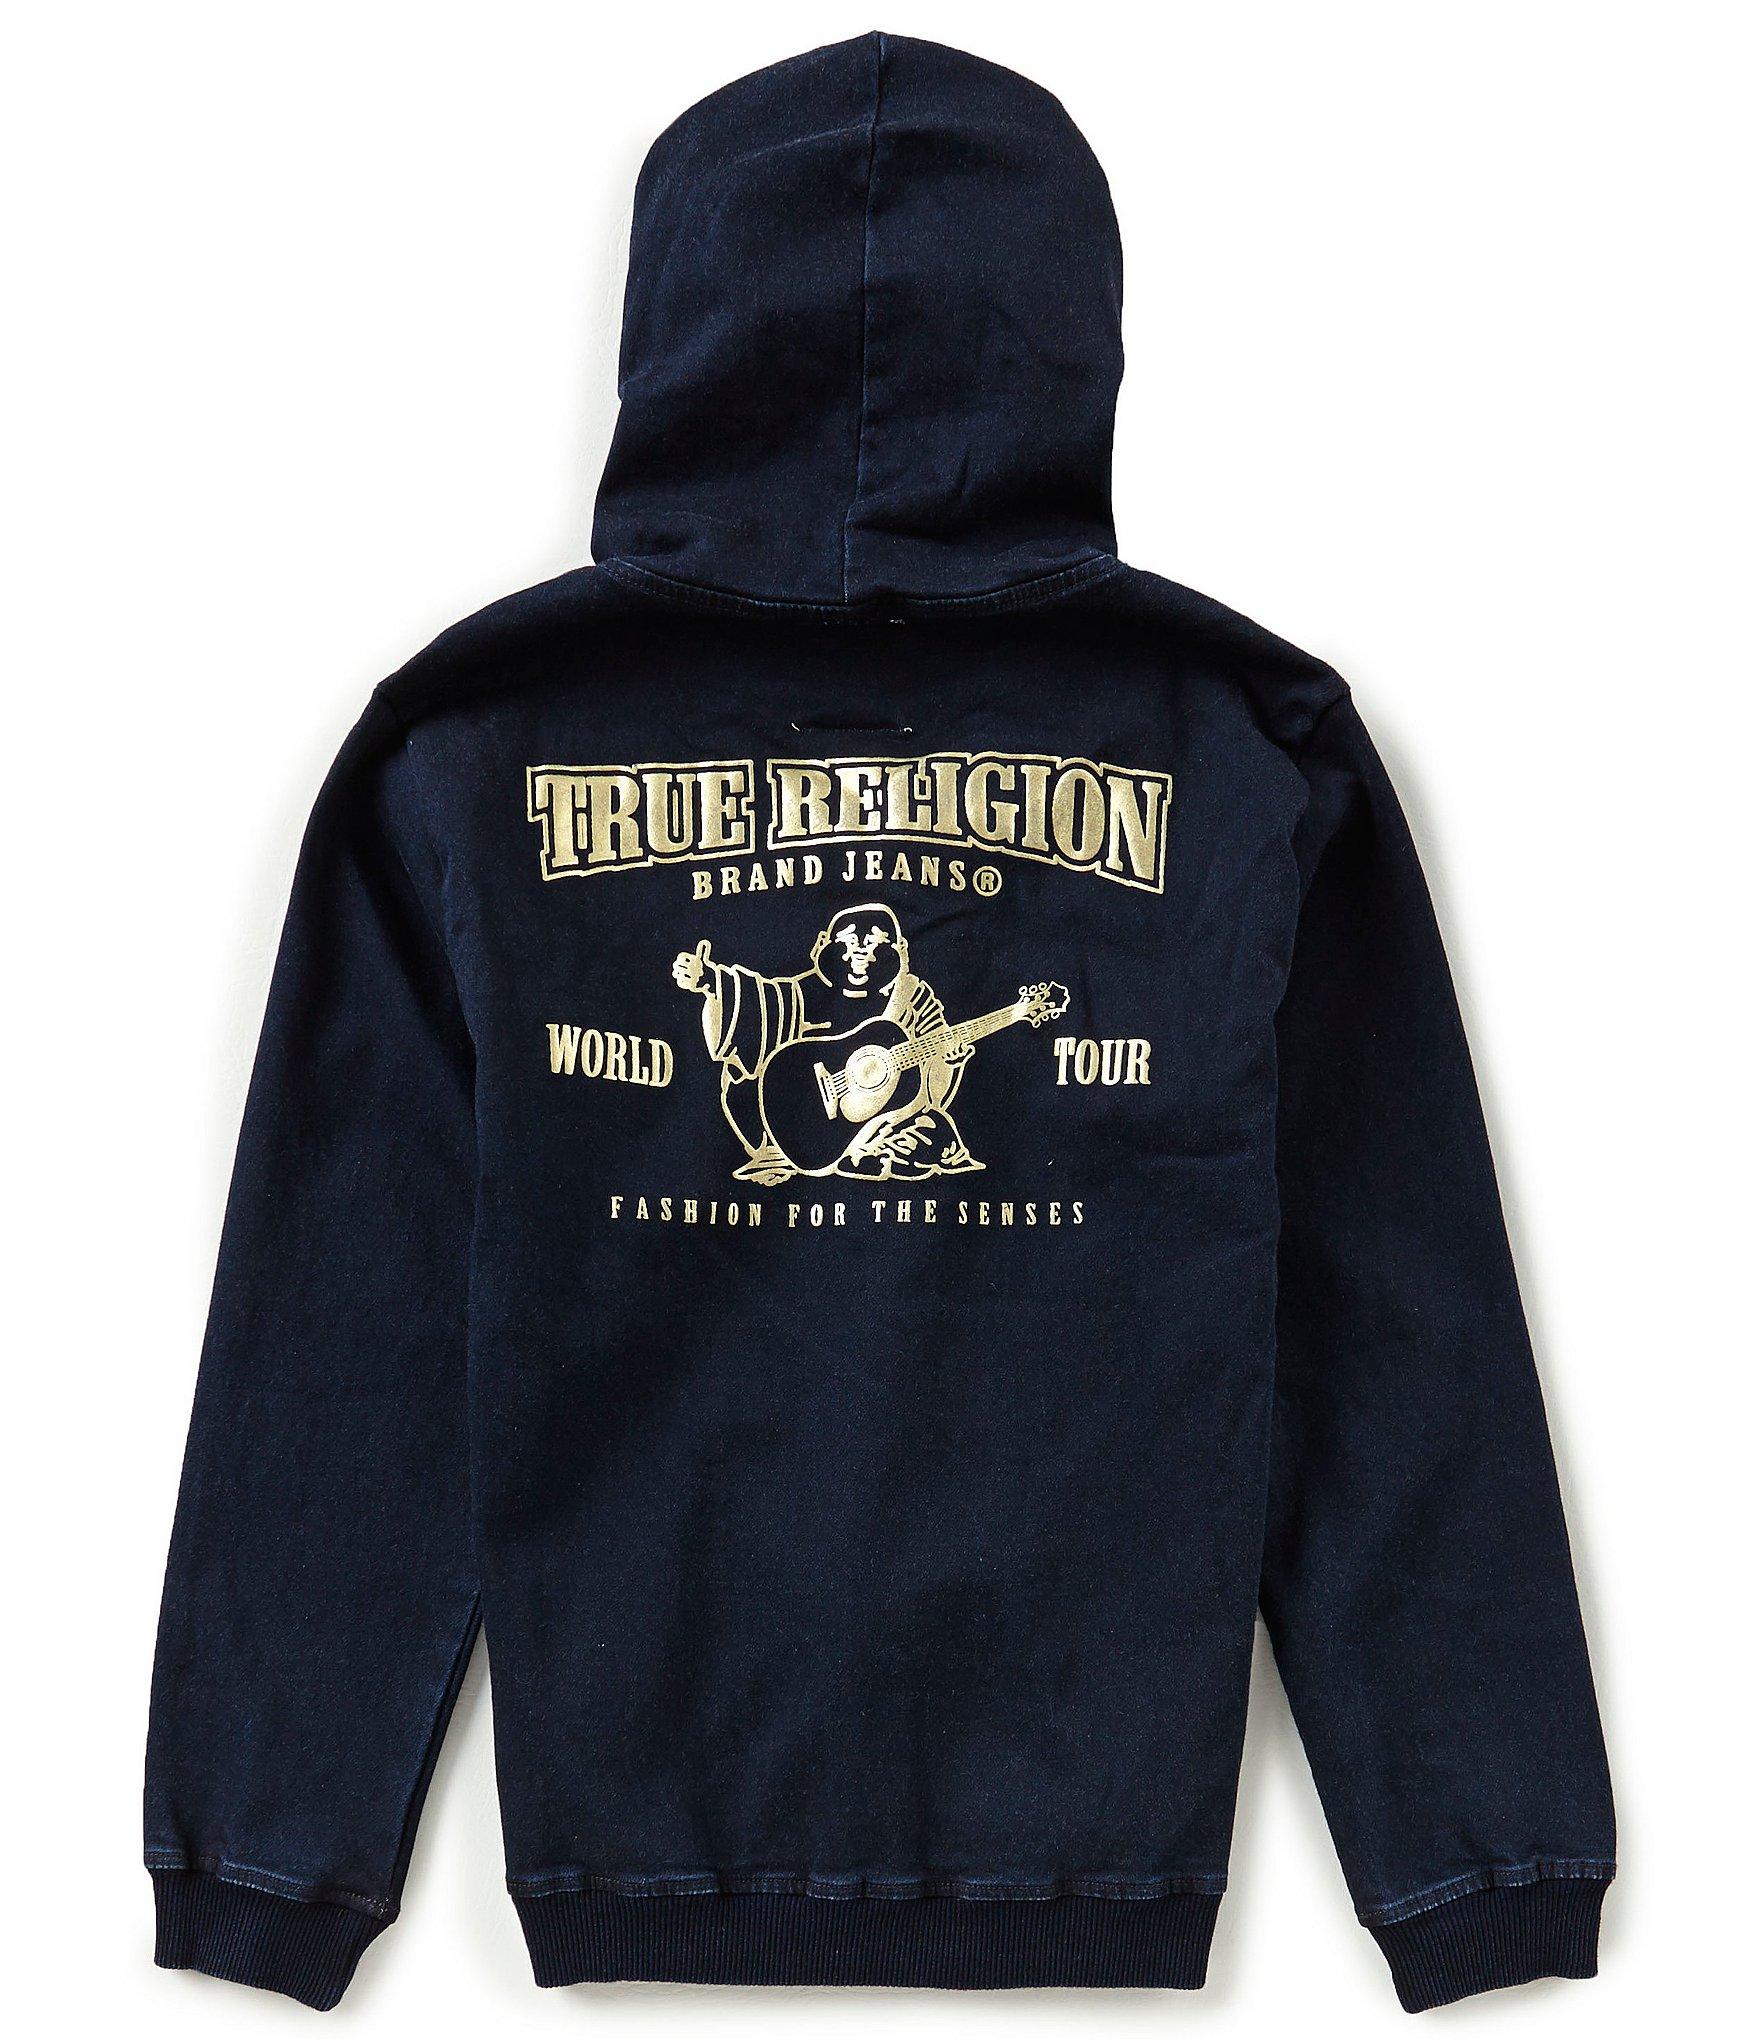 True religion hoody